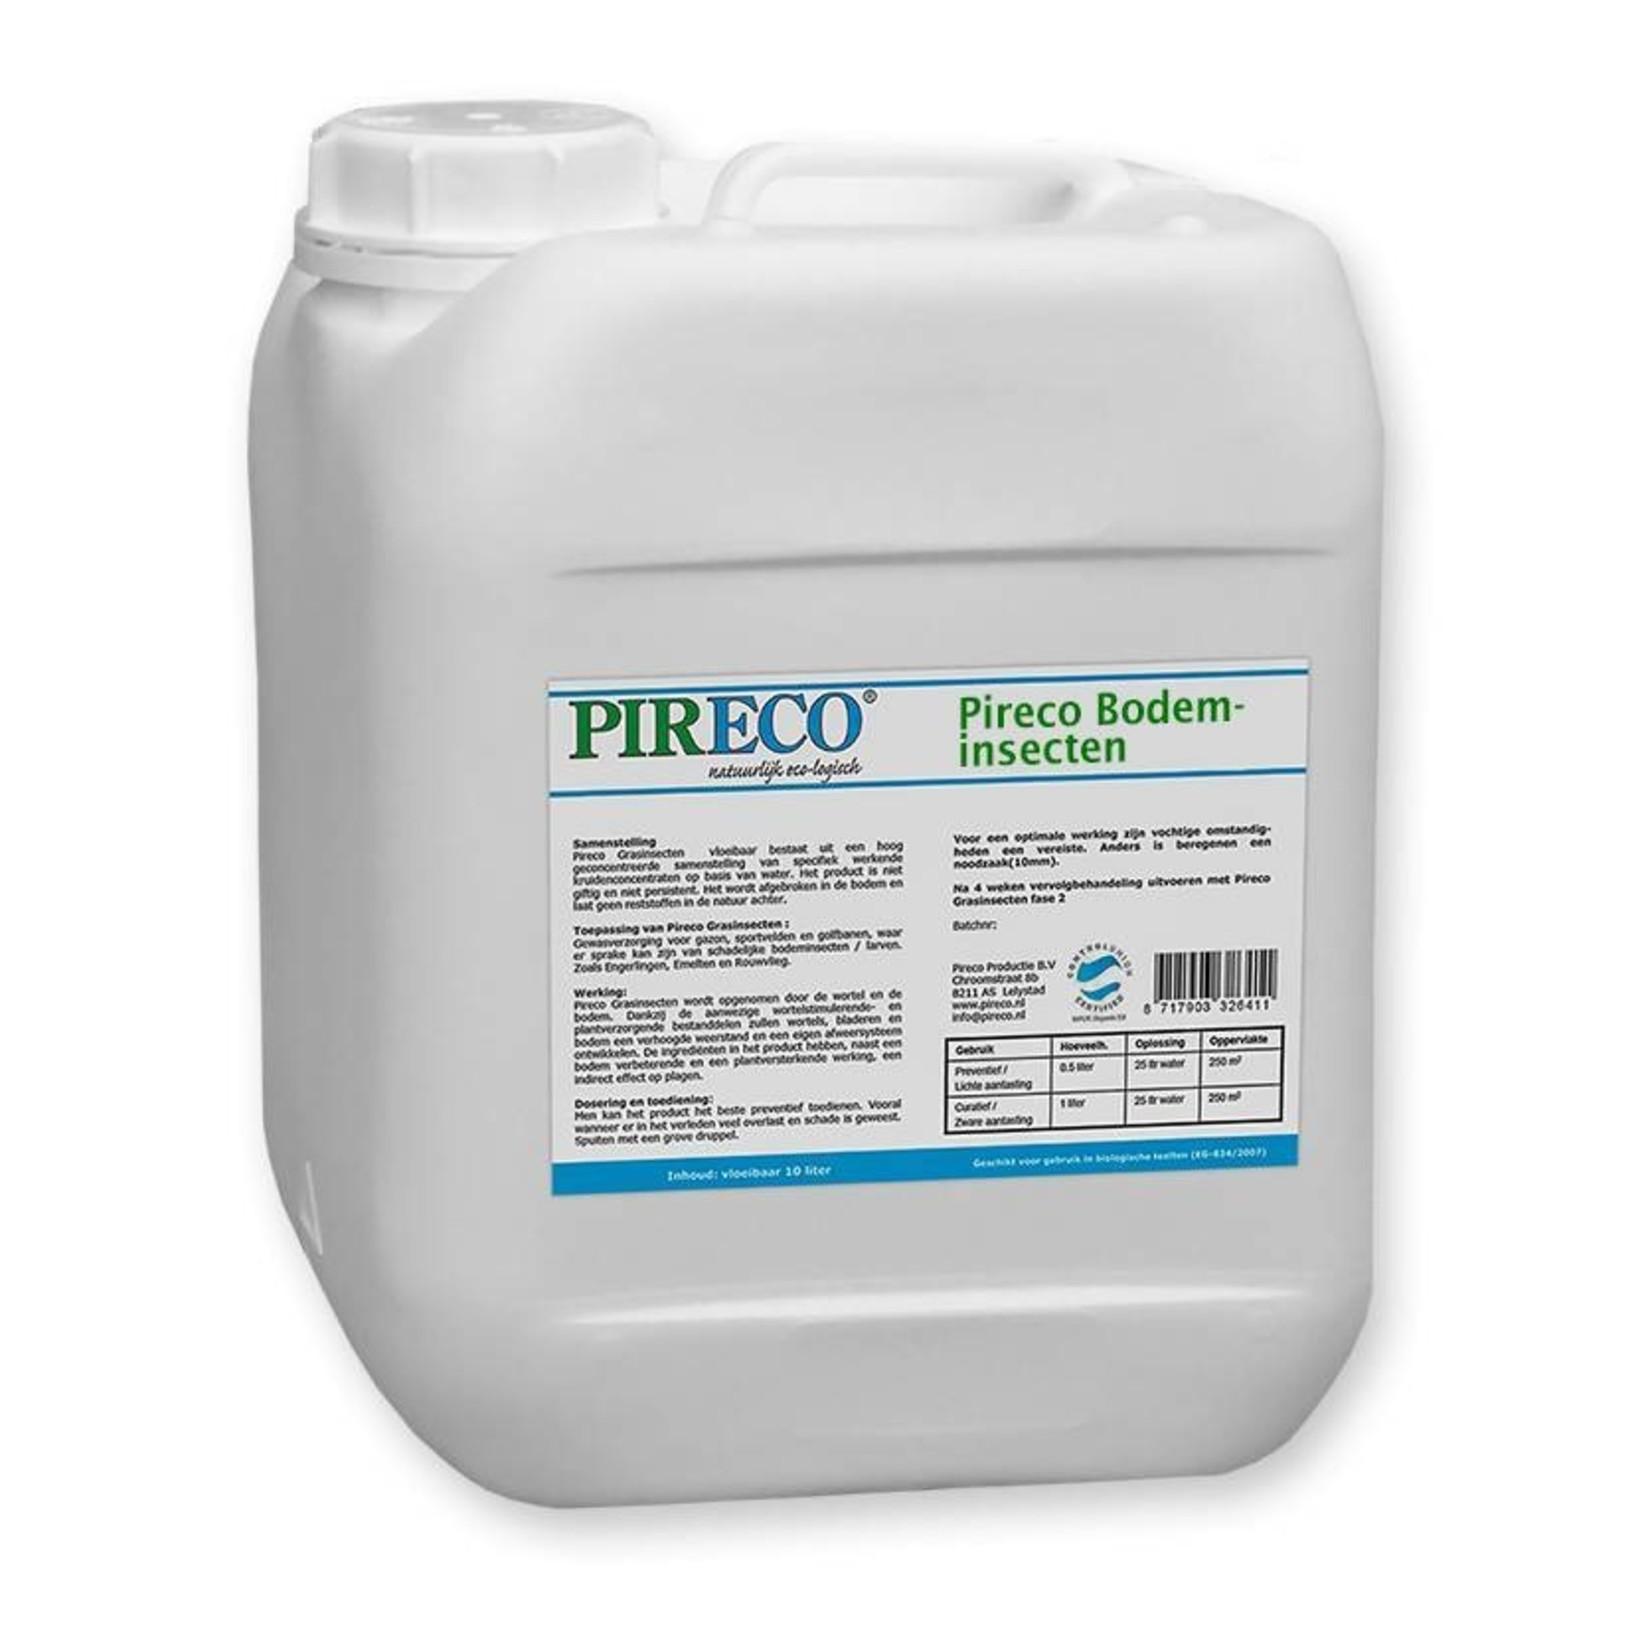 Pireco Tercol Bodeminsecten vloeibaar 5 liter